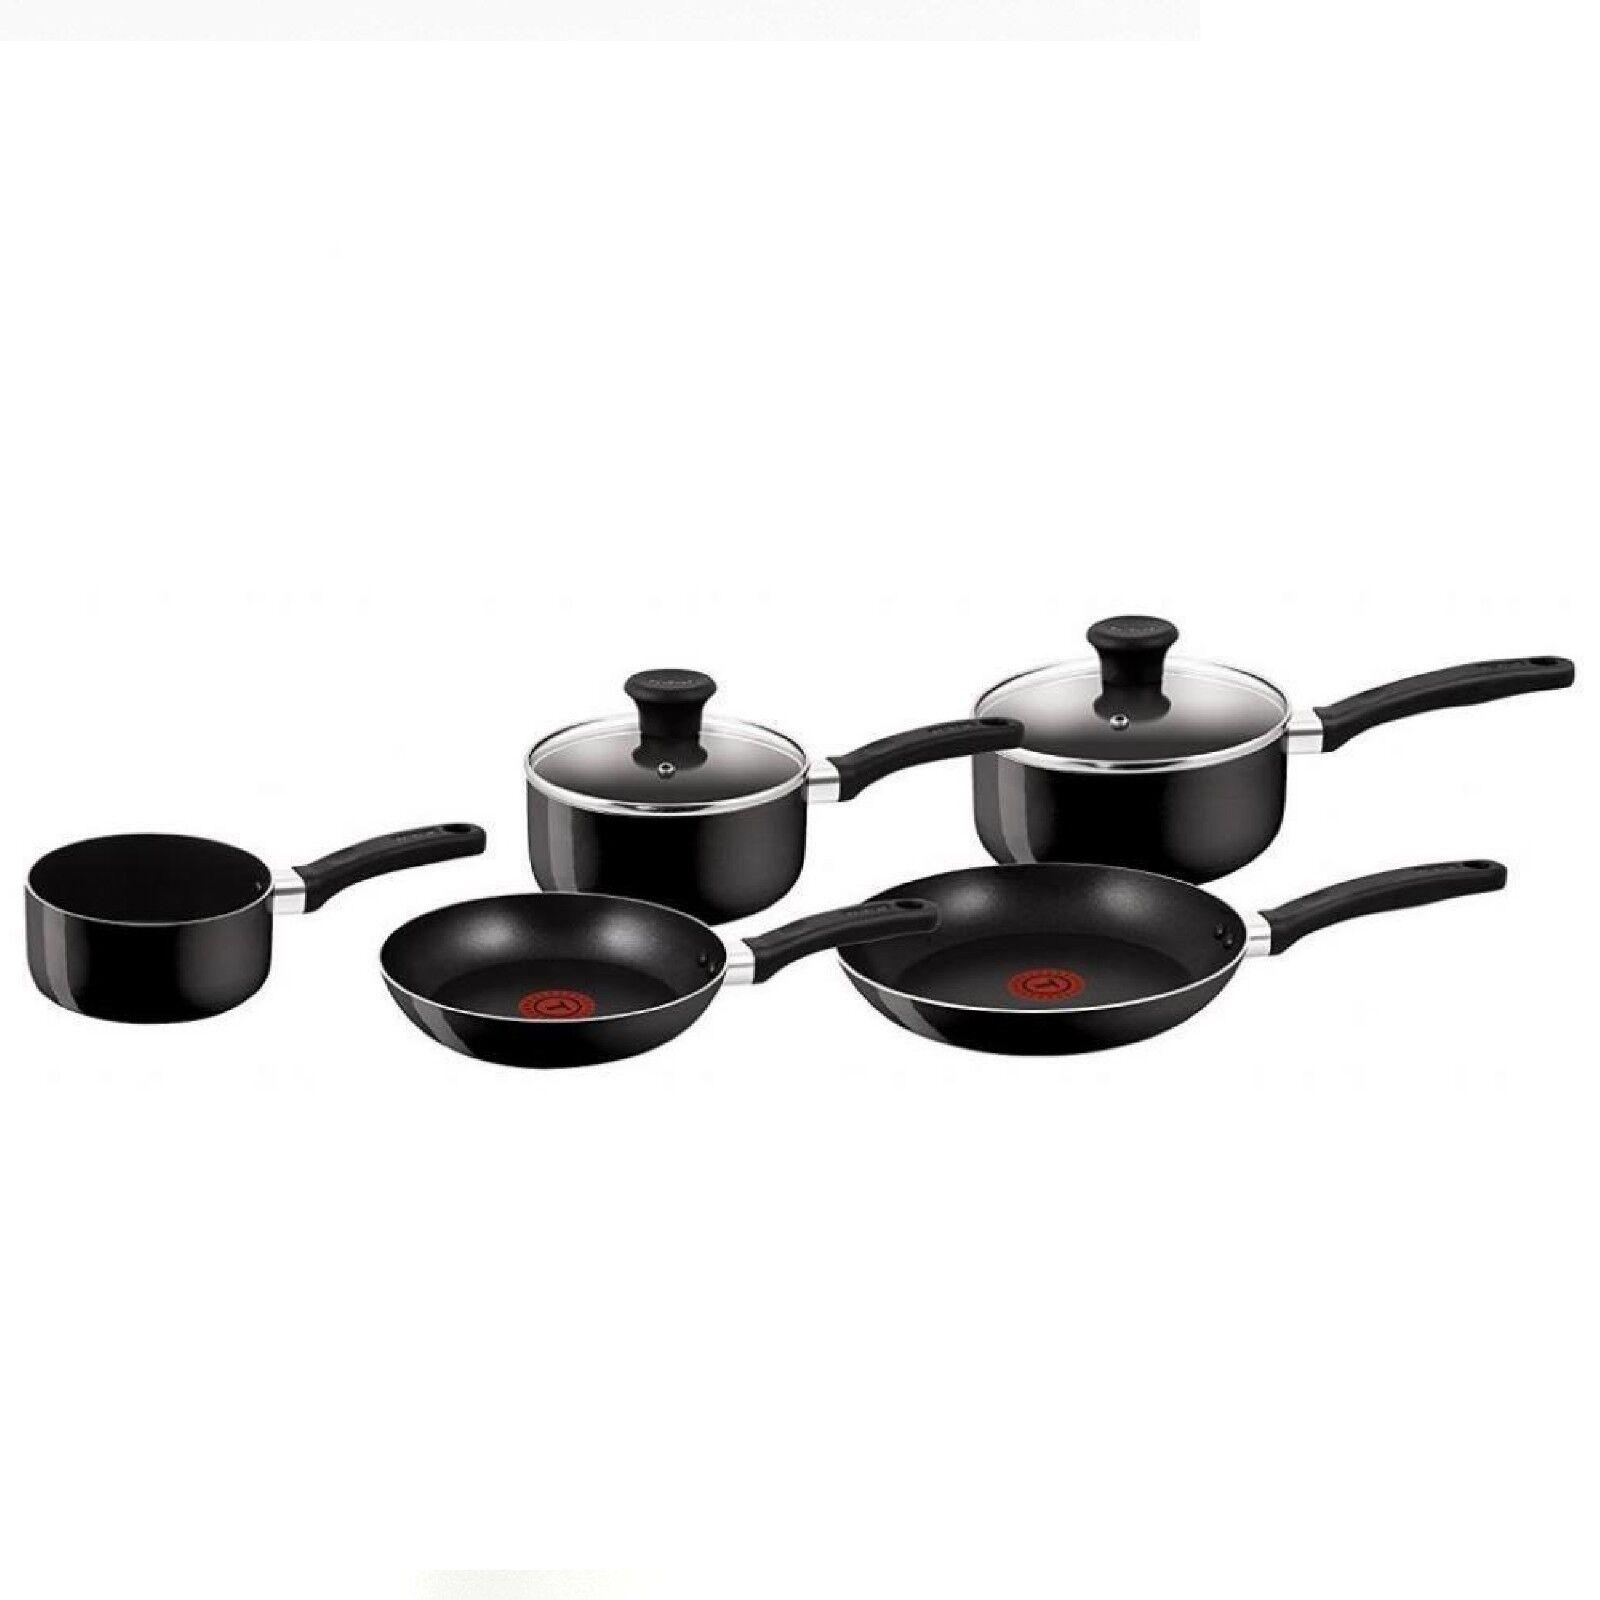 Tefal TEF-B020S544 ALLUMINIO 5 Pezzi Antiaderenti Delight Cookware Set-Nero